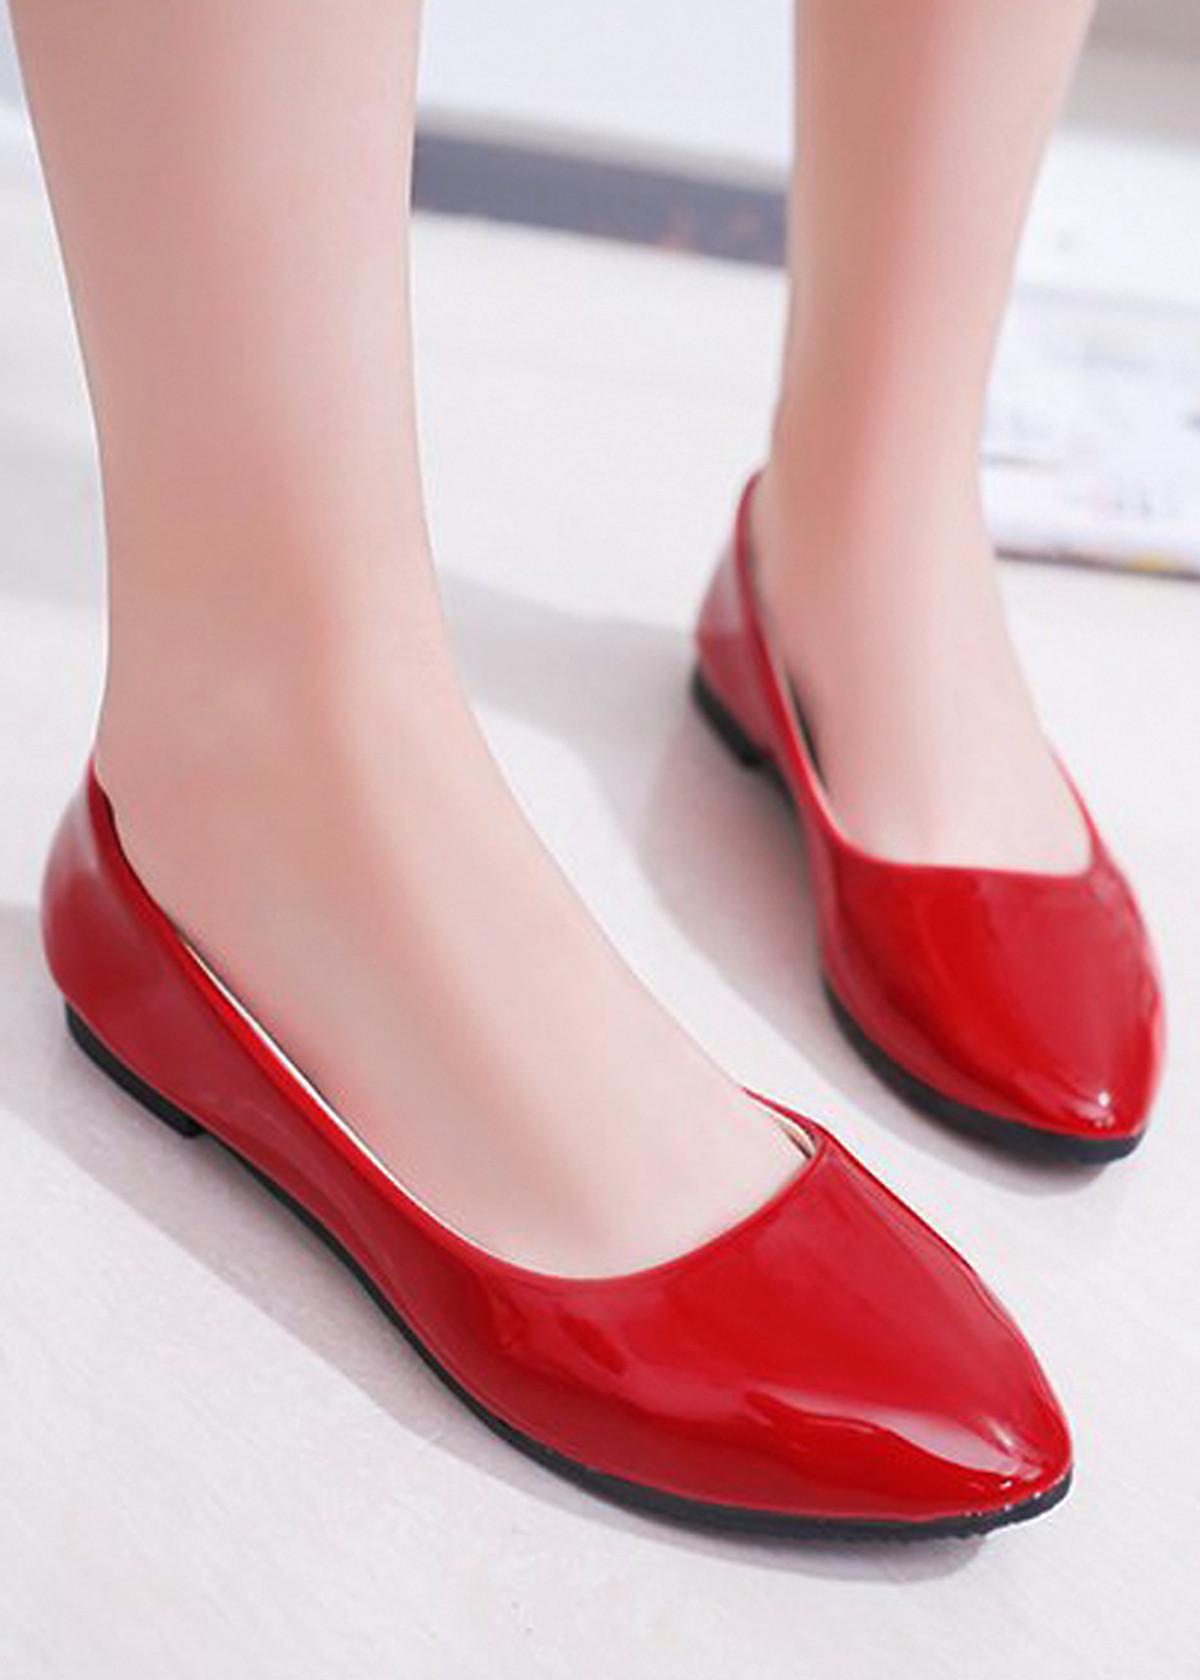 Giày búp bê da bóng mềm không đau chân , dáng chuẩn 96309 - 1